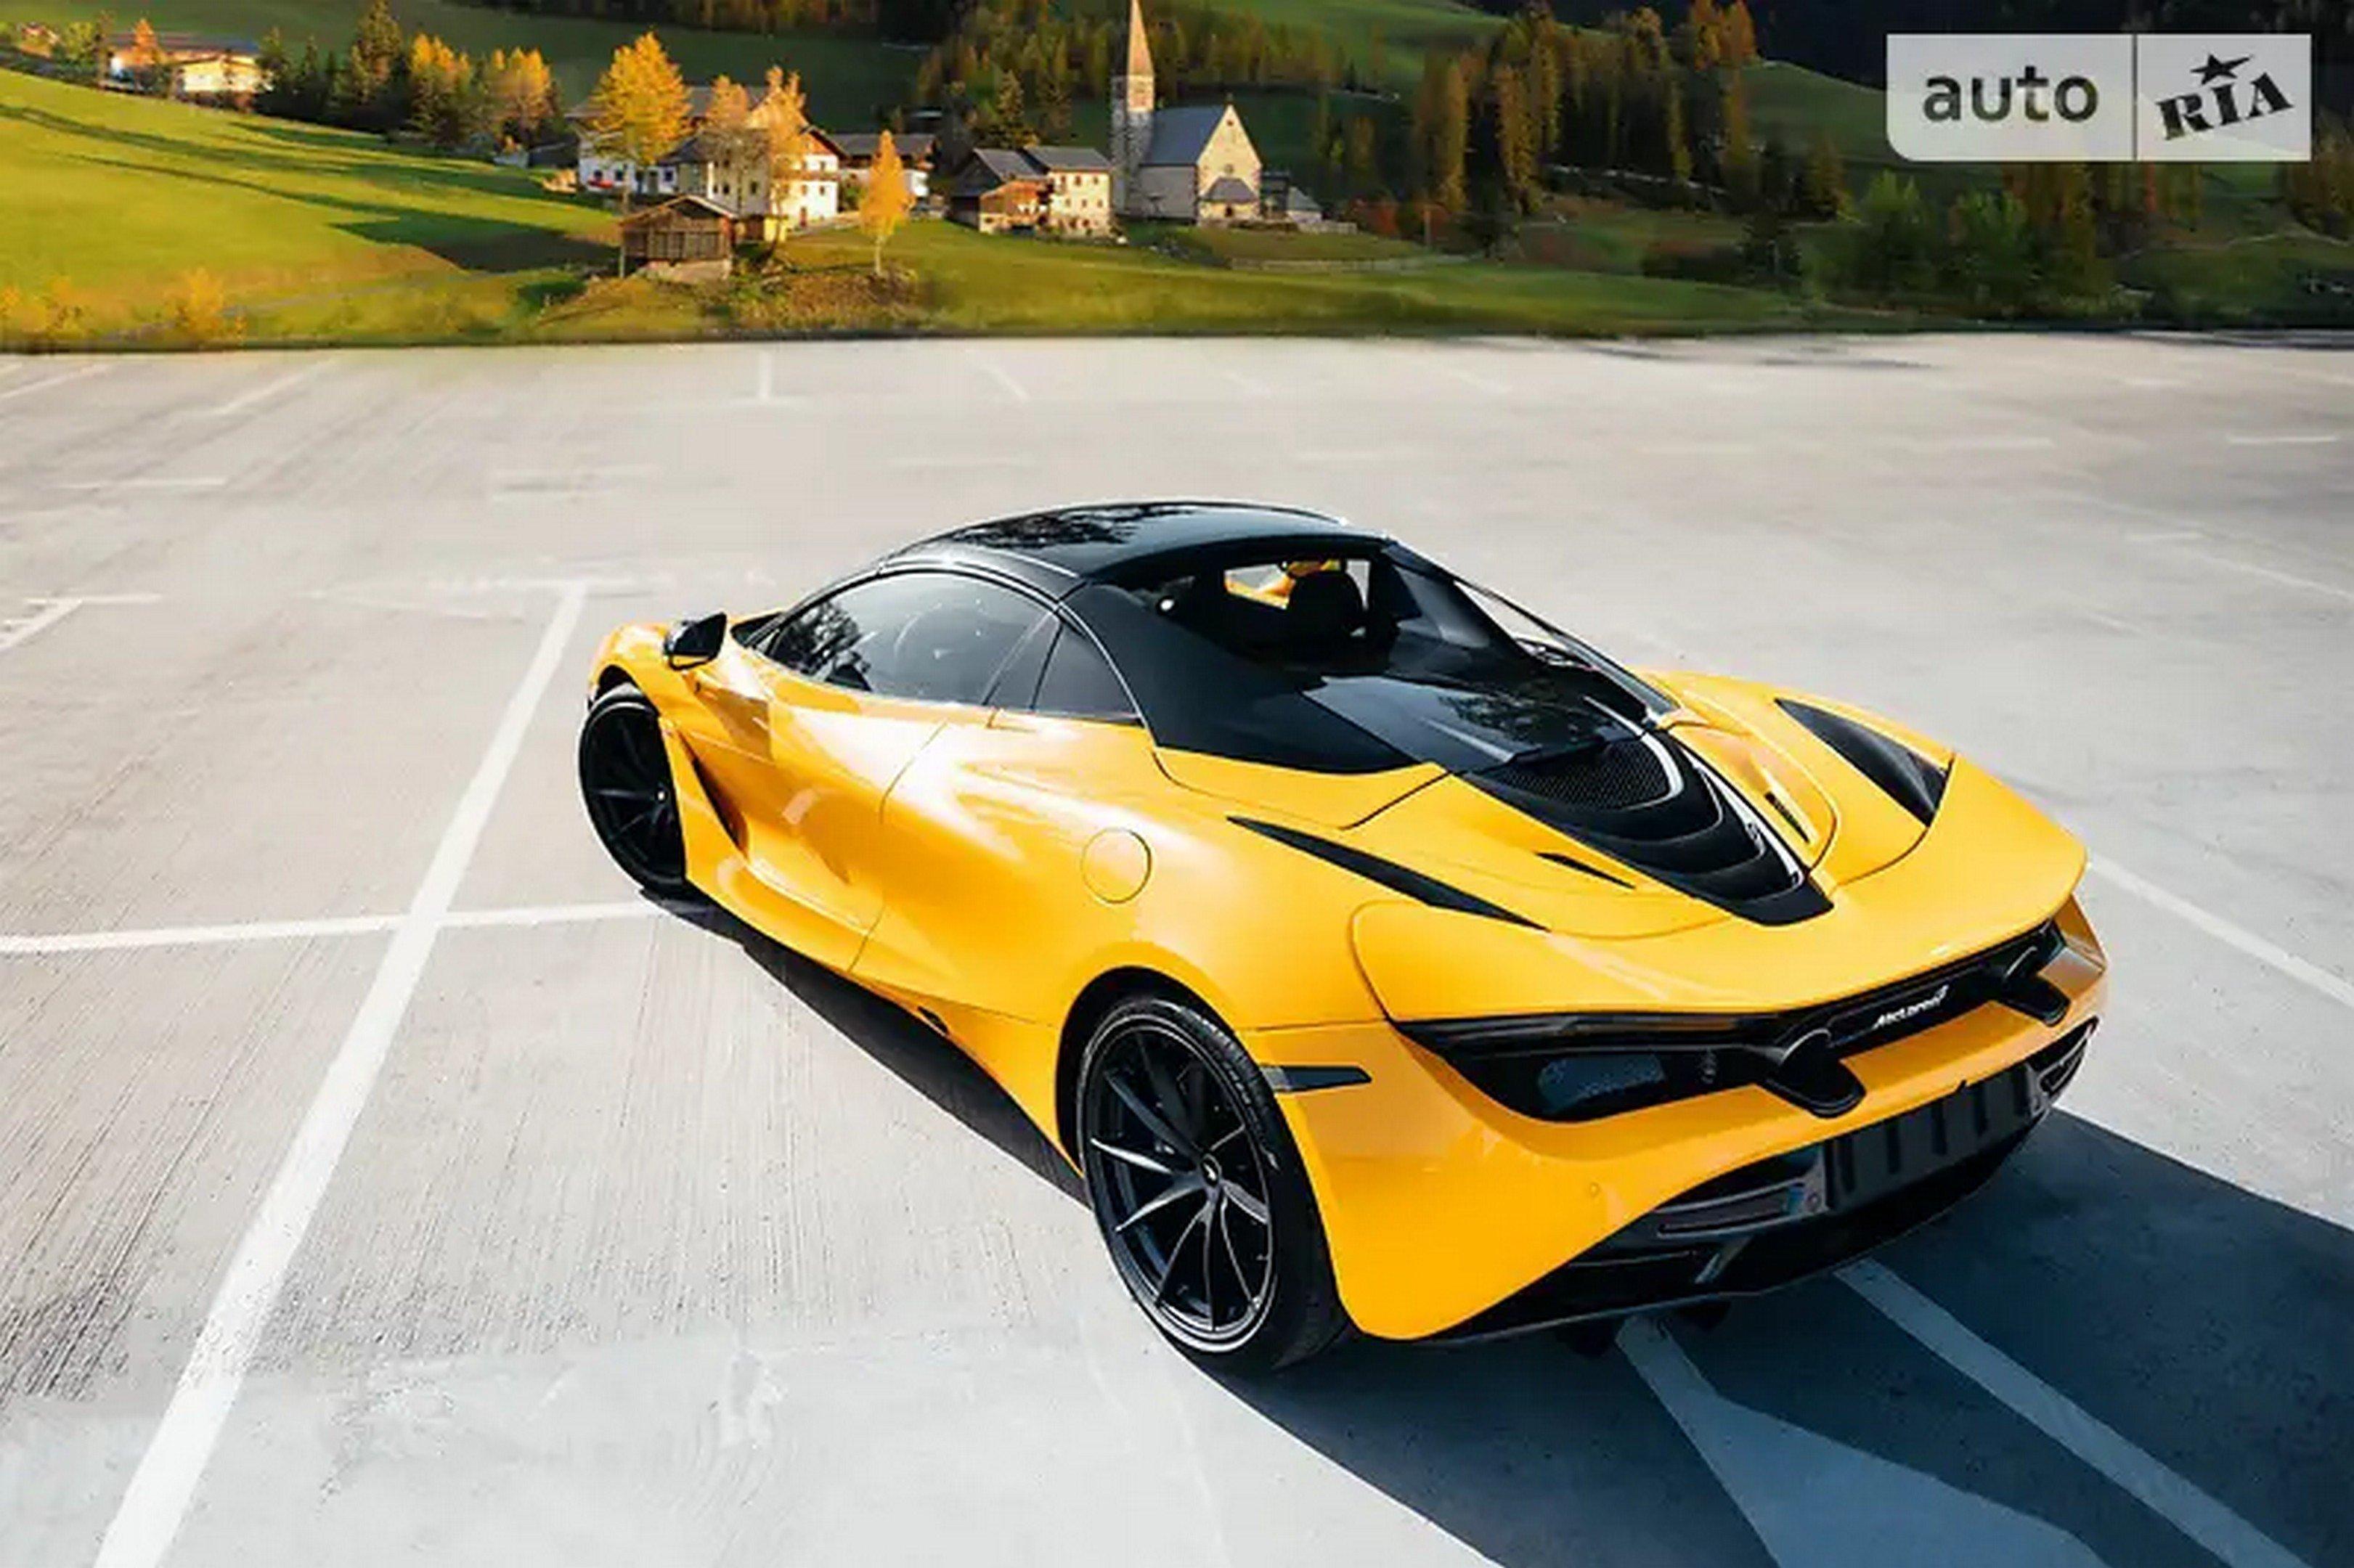 В Украине выставили на продажу McLaren 720S 2020 года за 370тыс. долларов 2